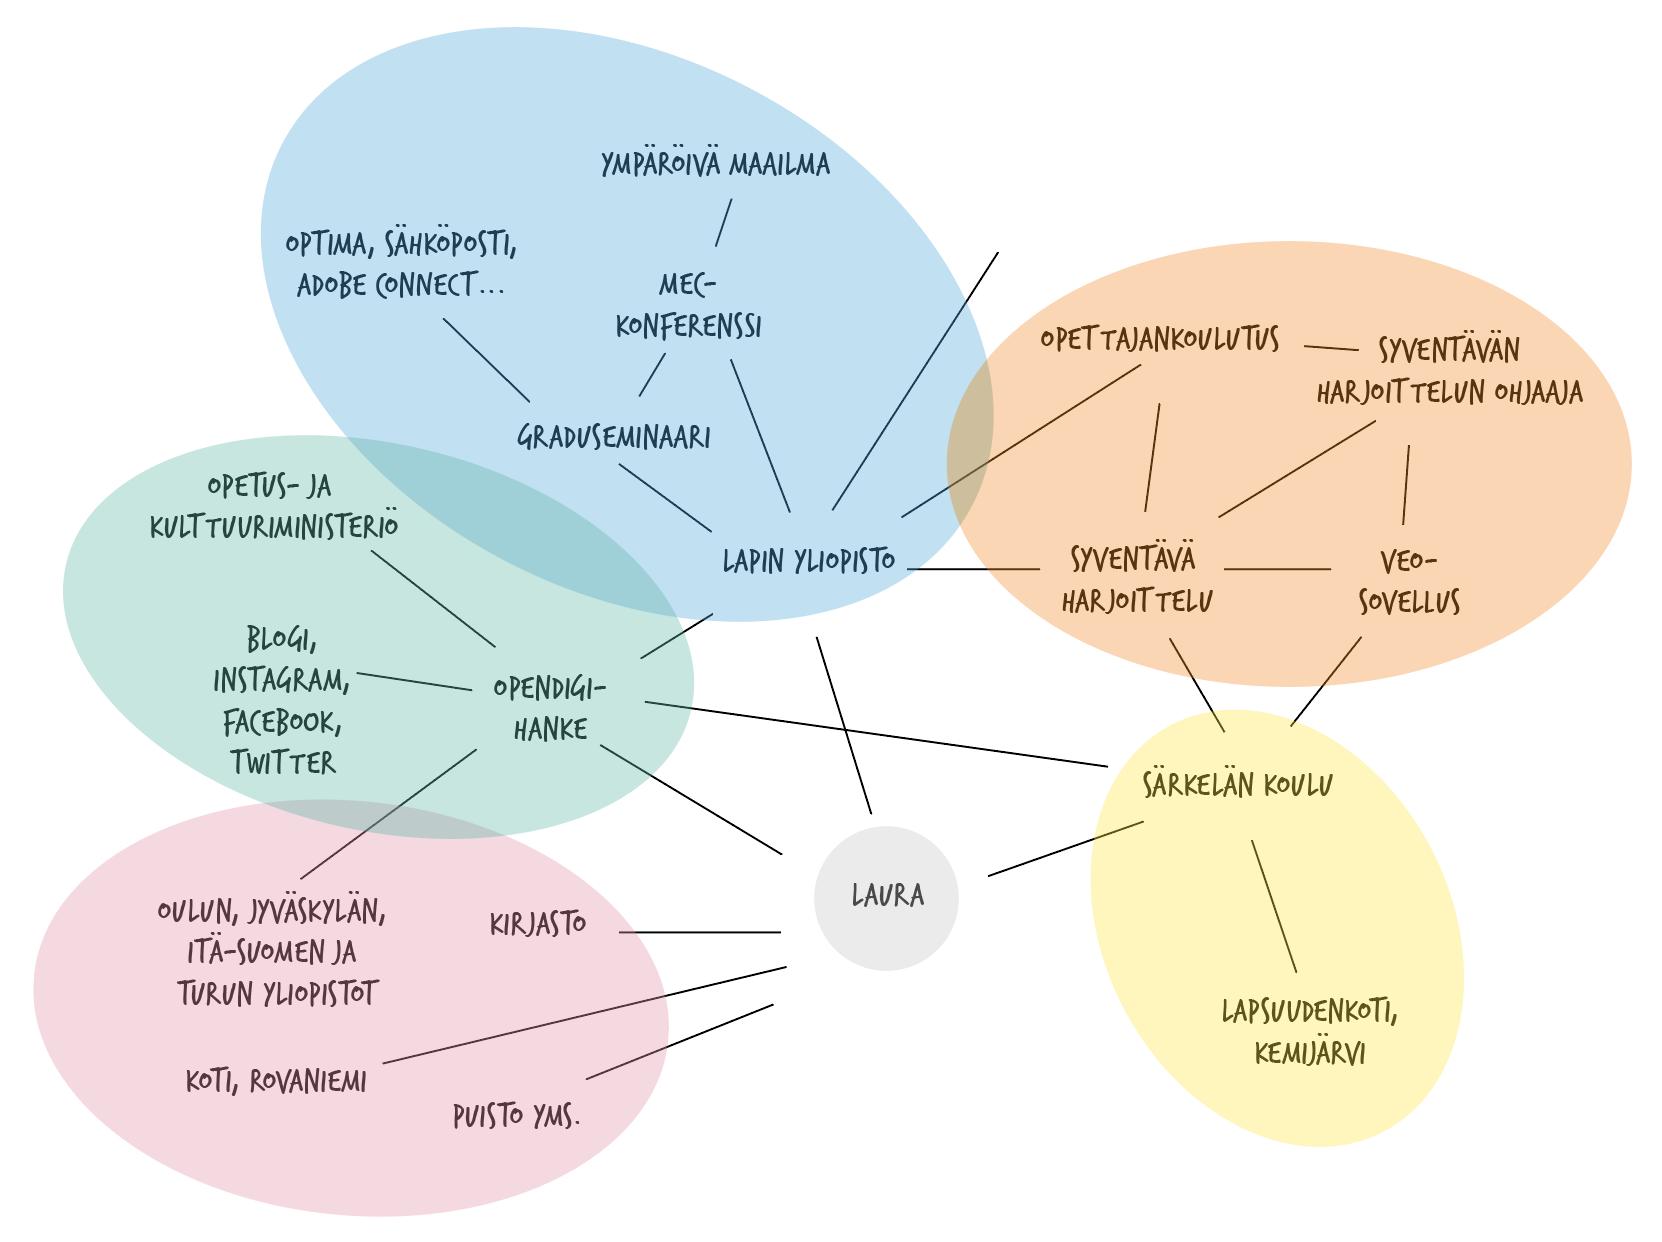 OpenDigi oppimisympäristö Case Laura Lapin yliopisto